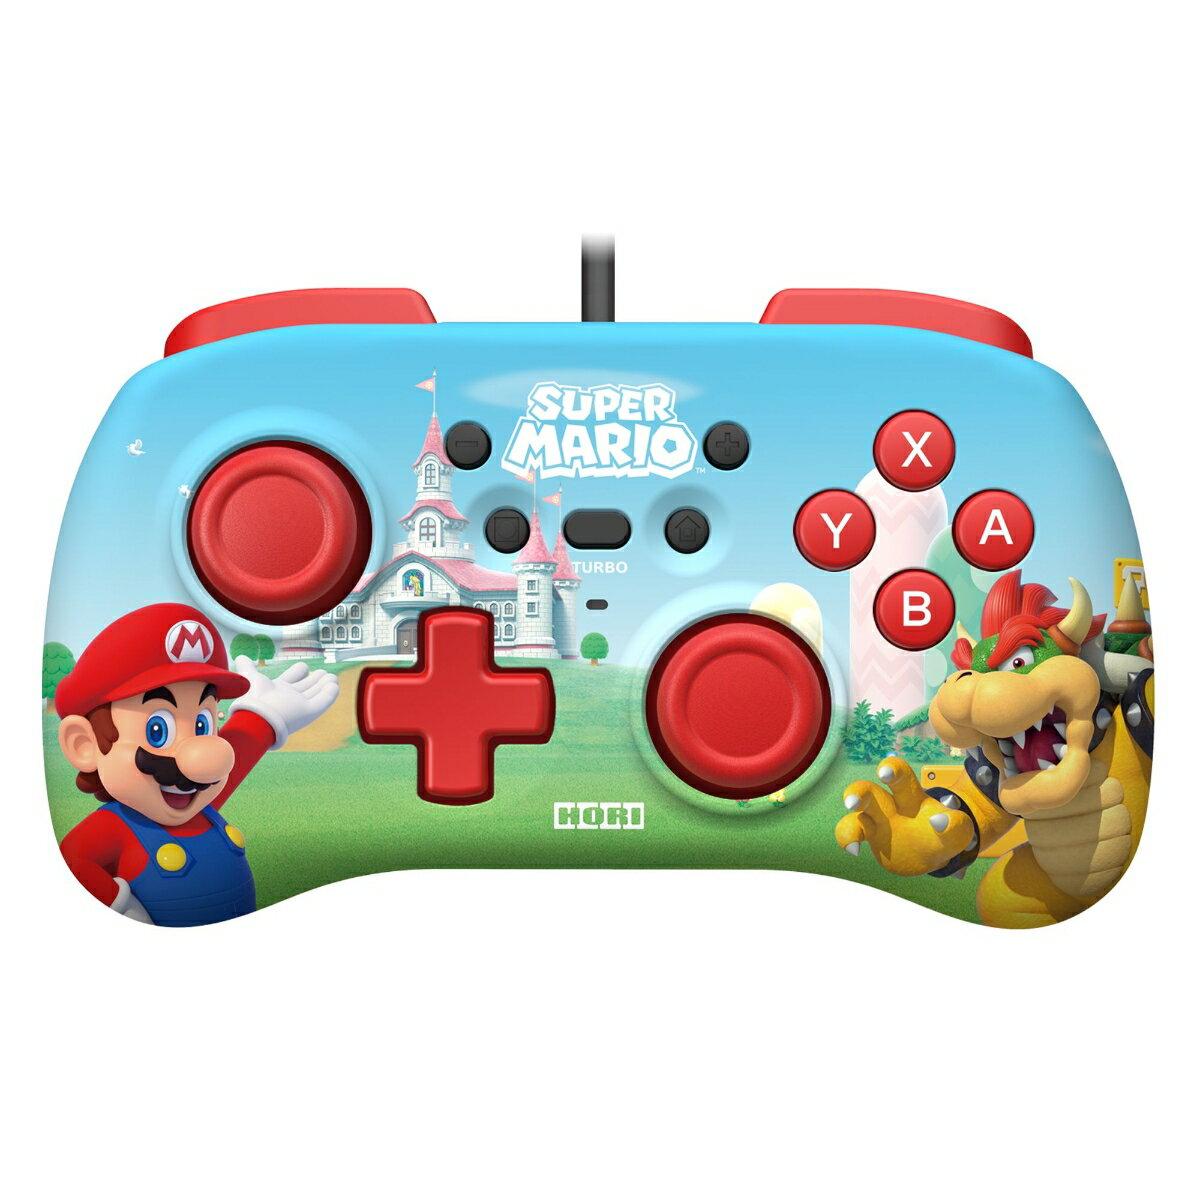 ホリパッドミニ for Nintendo Switch スーパーマリオ